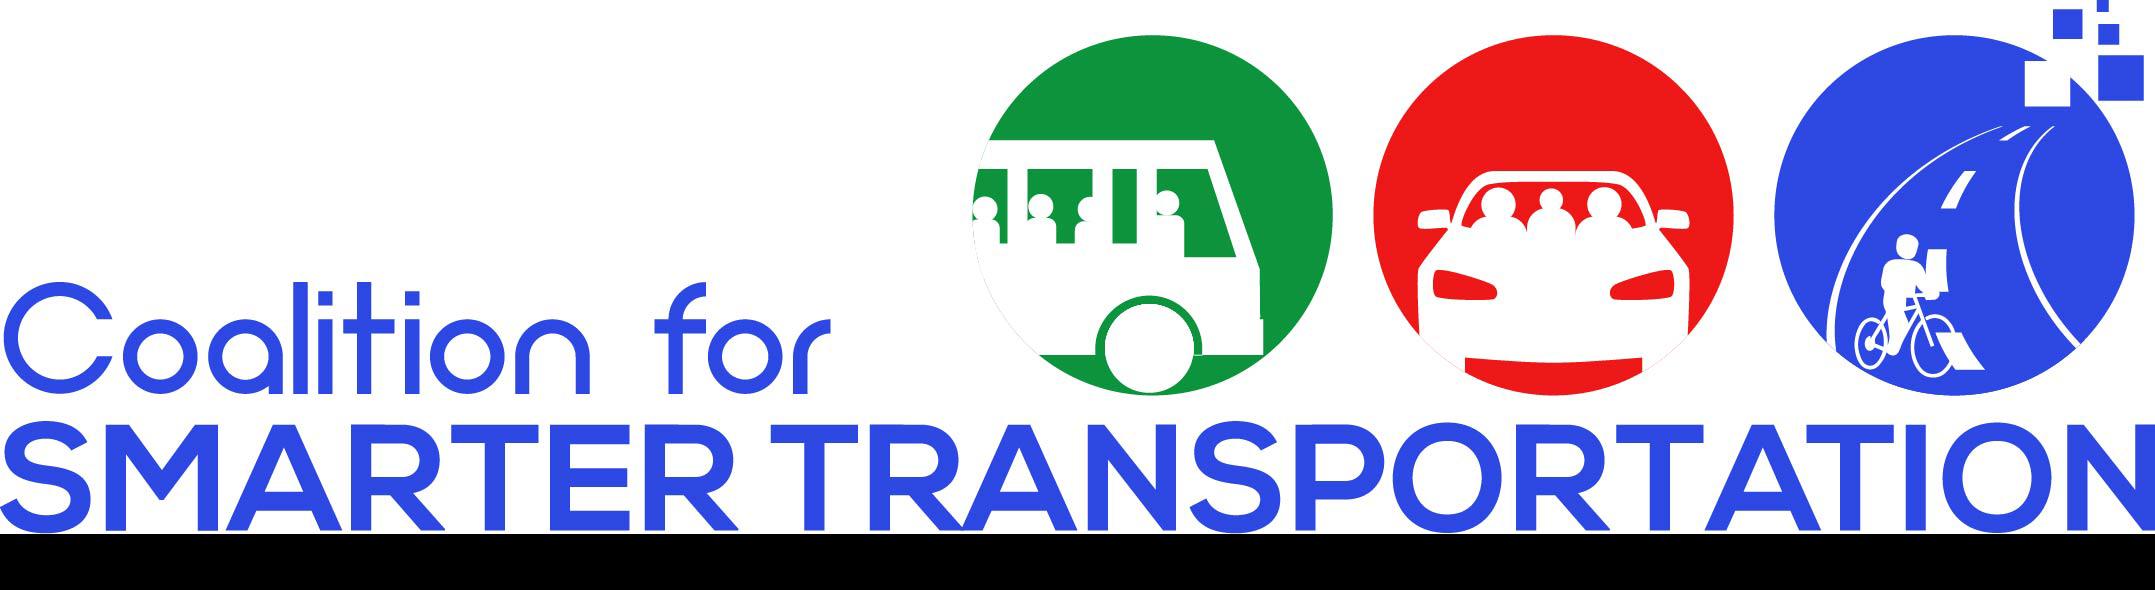 Coalition for Smarter Transportation